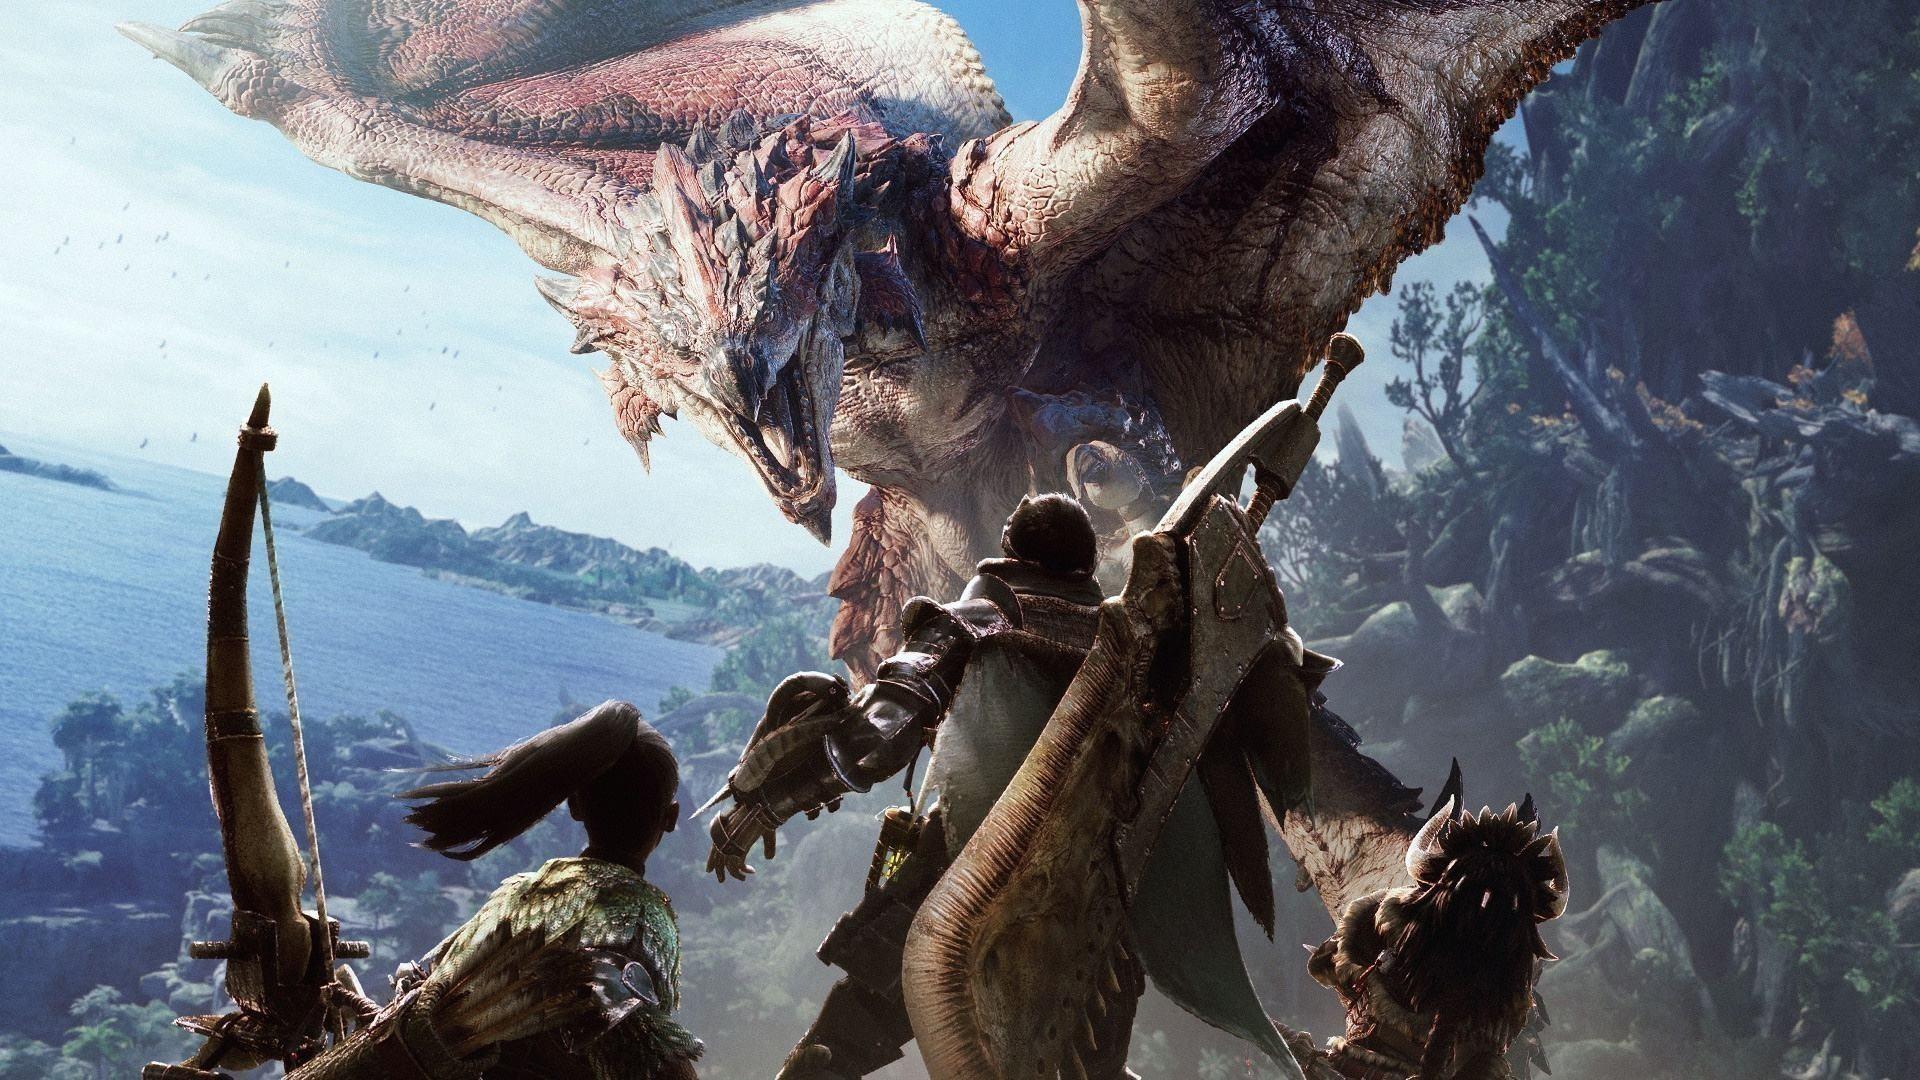 游戏版号审批有望放松 流程及内容将有大变化